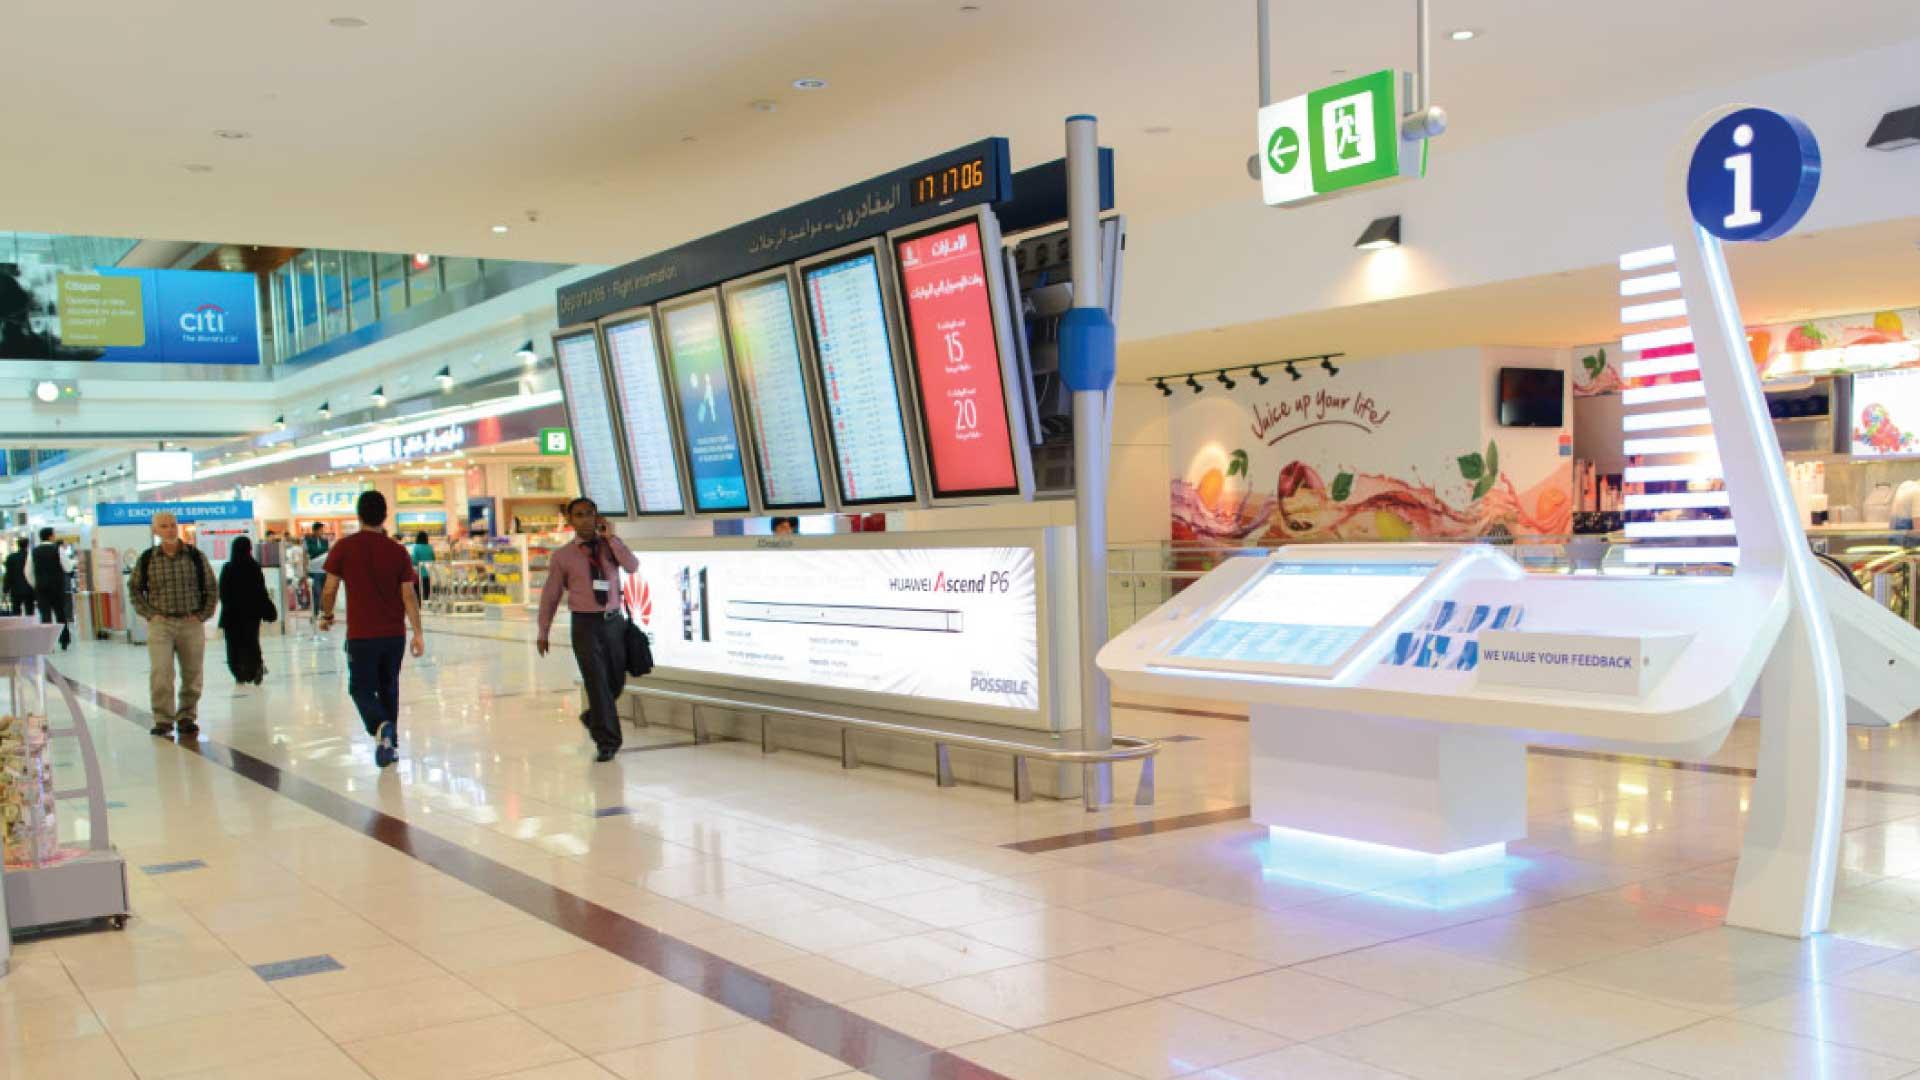 Il Digital Signage è lo strumento Retail del futuro